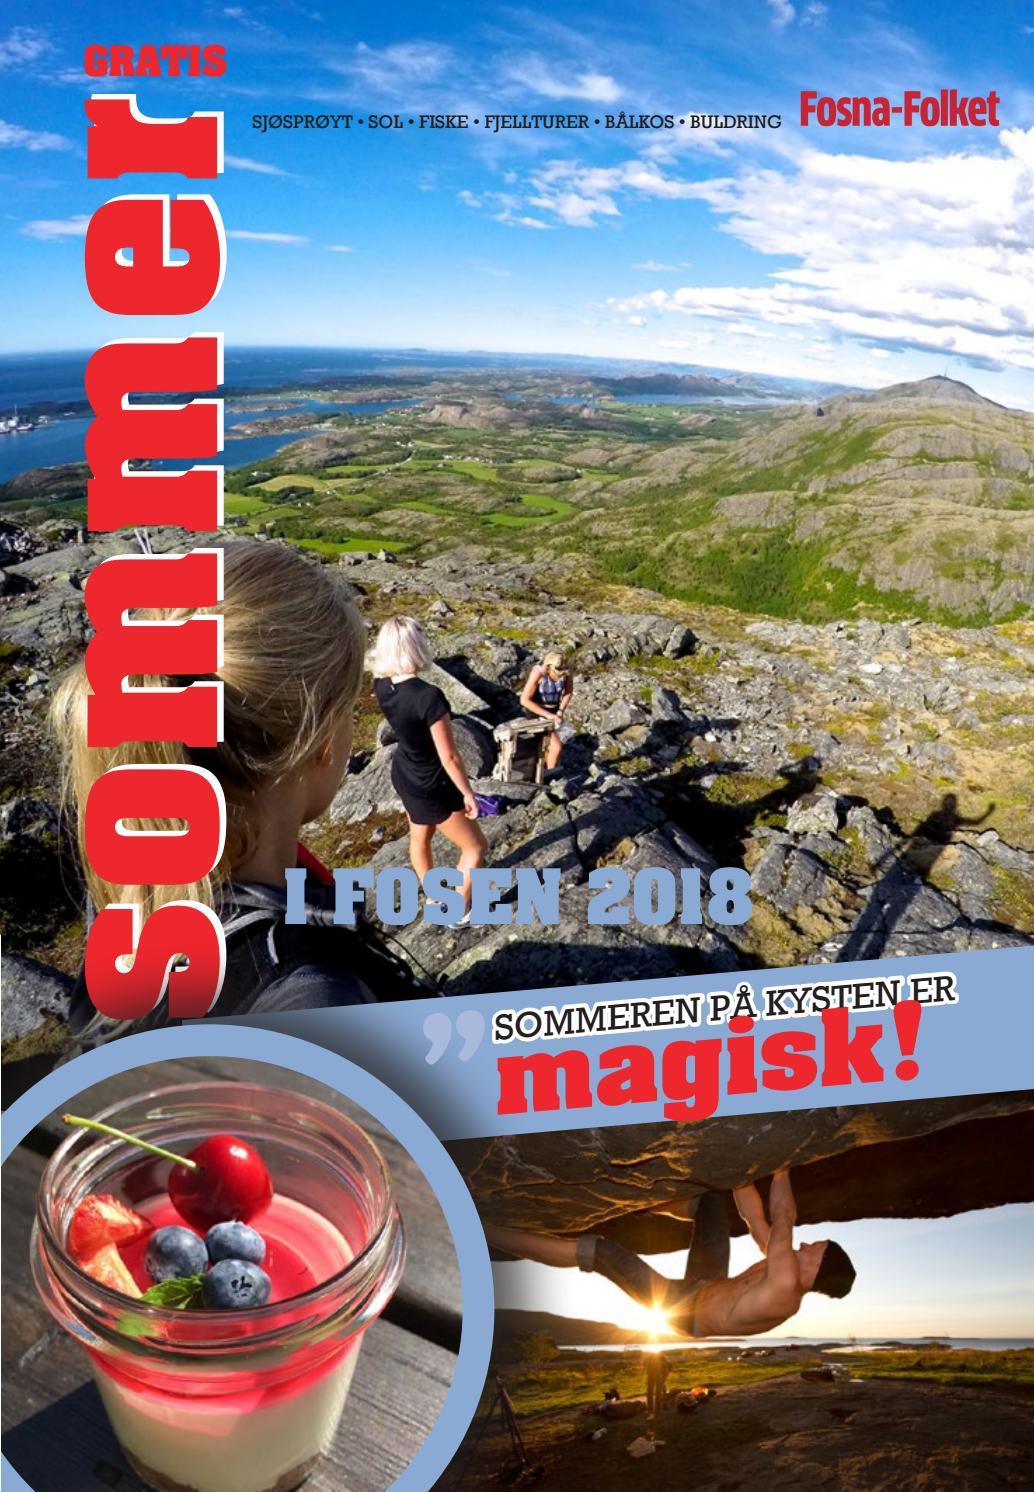 63254a400a70 Sommer i Fosen - Fosna-Folket 2018 by Adresseavisen - issuu